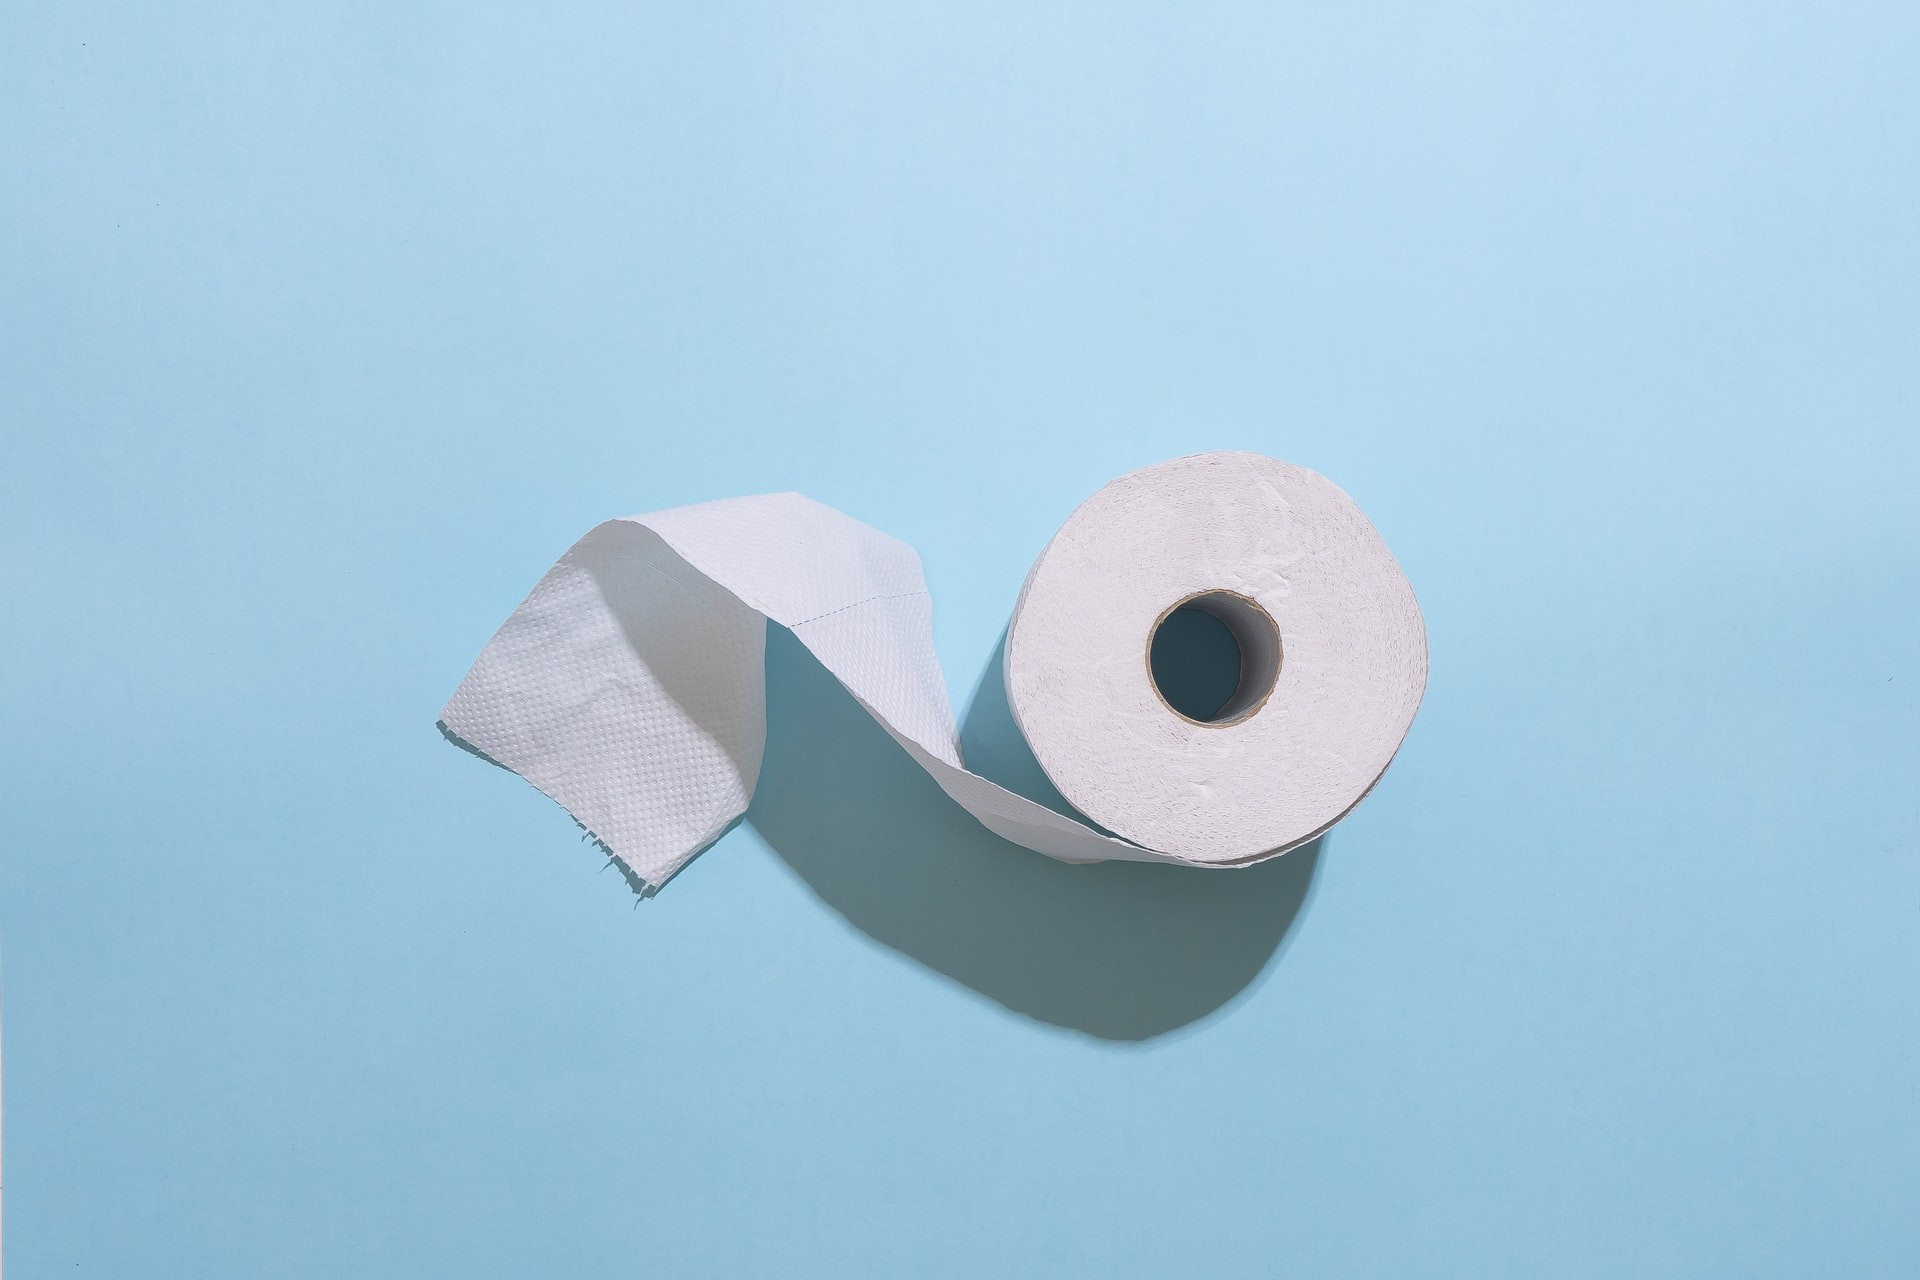 Toalhas de papel são mais eficazes em eliminar vírus do que jatos de ar (Foto: Claire Mueller/Unsplash)